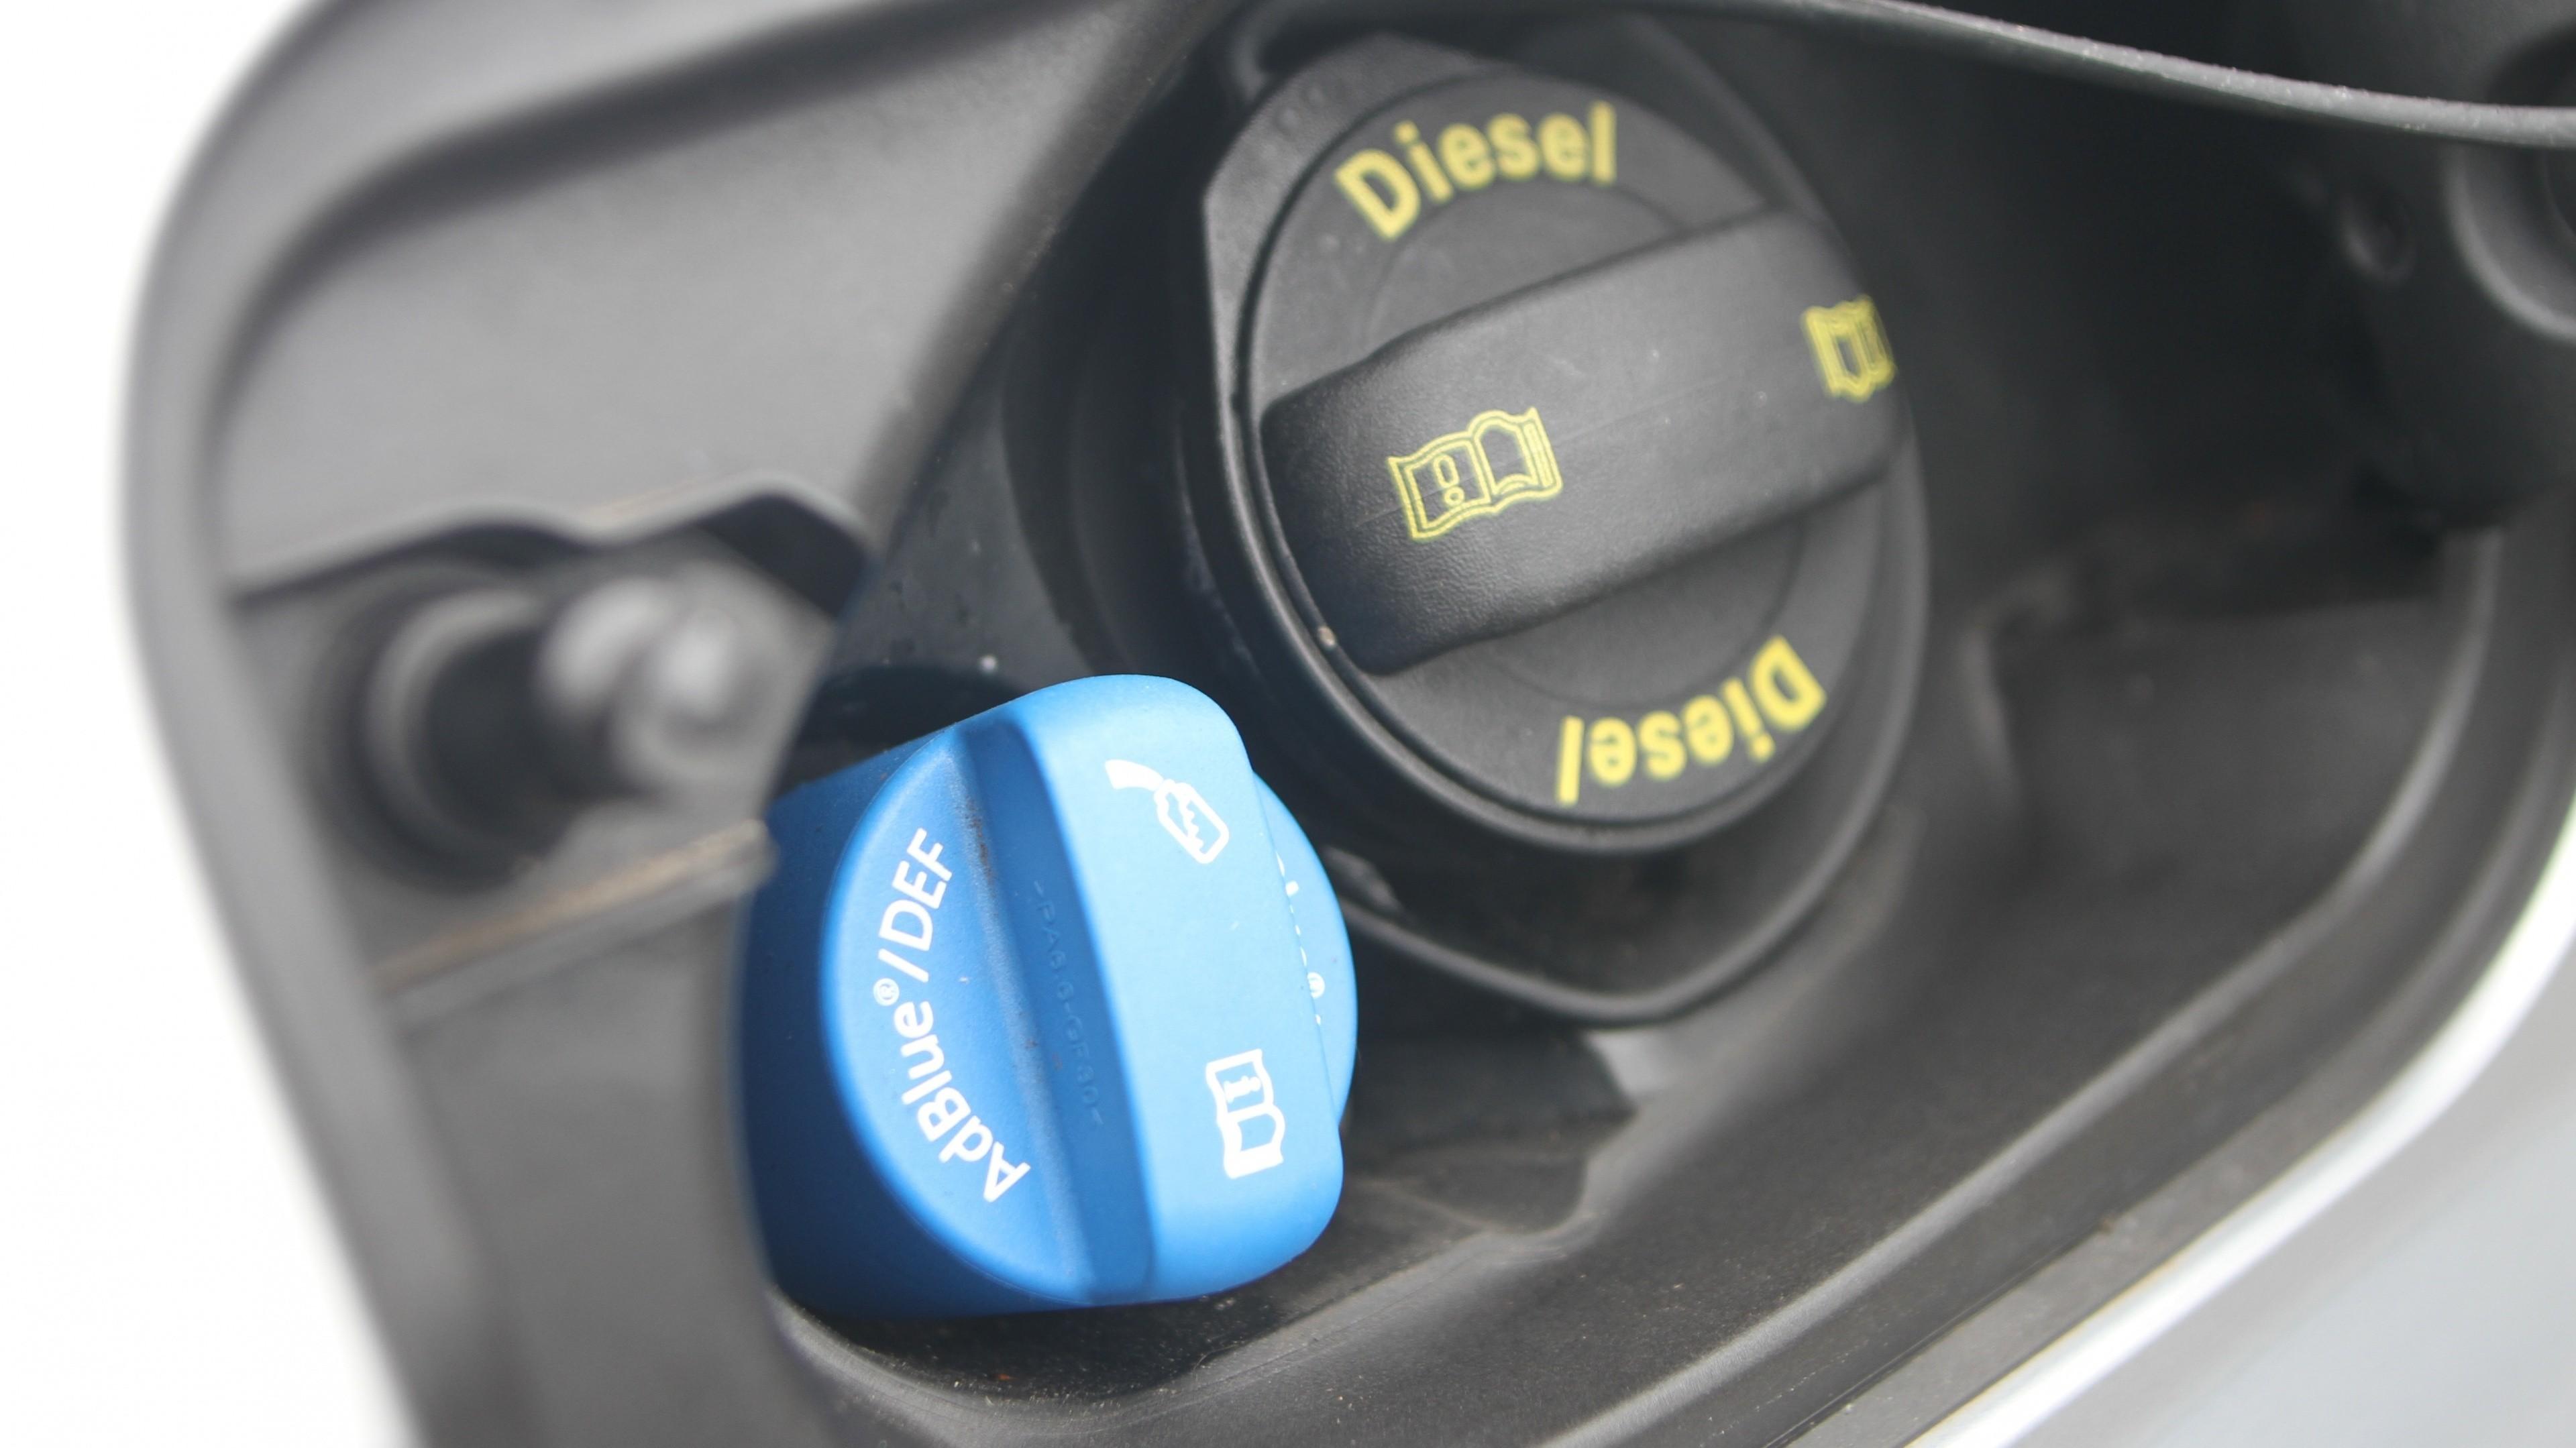 Sabe que pode precisar de abastecer o seu carro com Adblue?